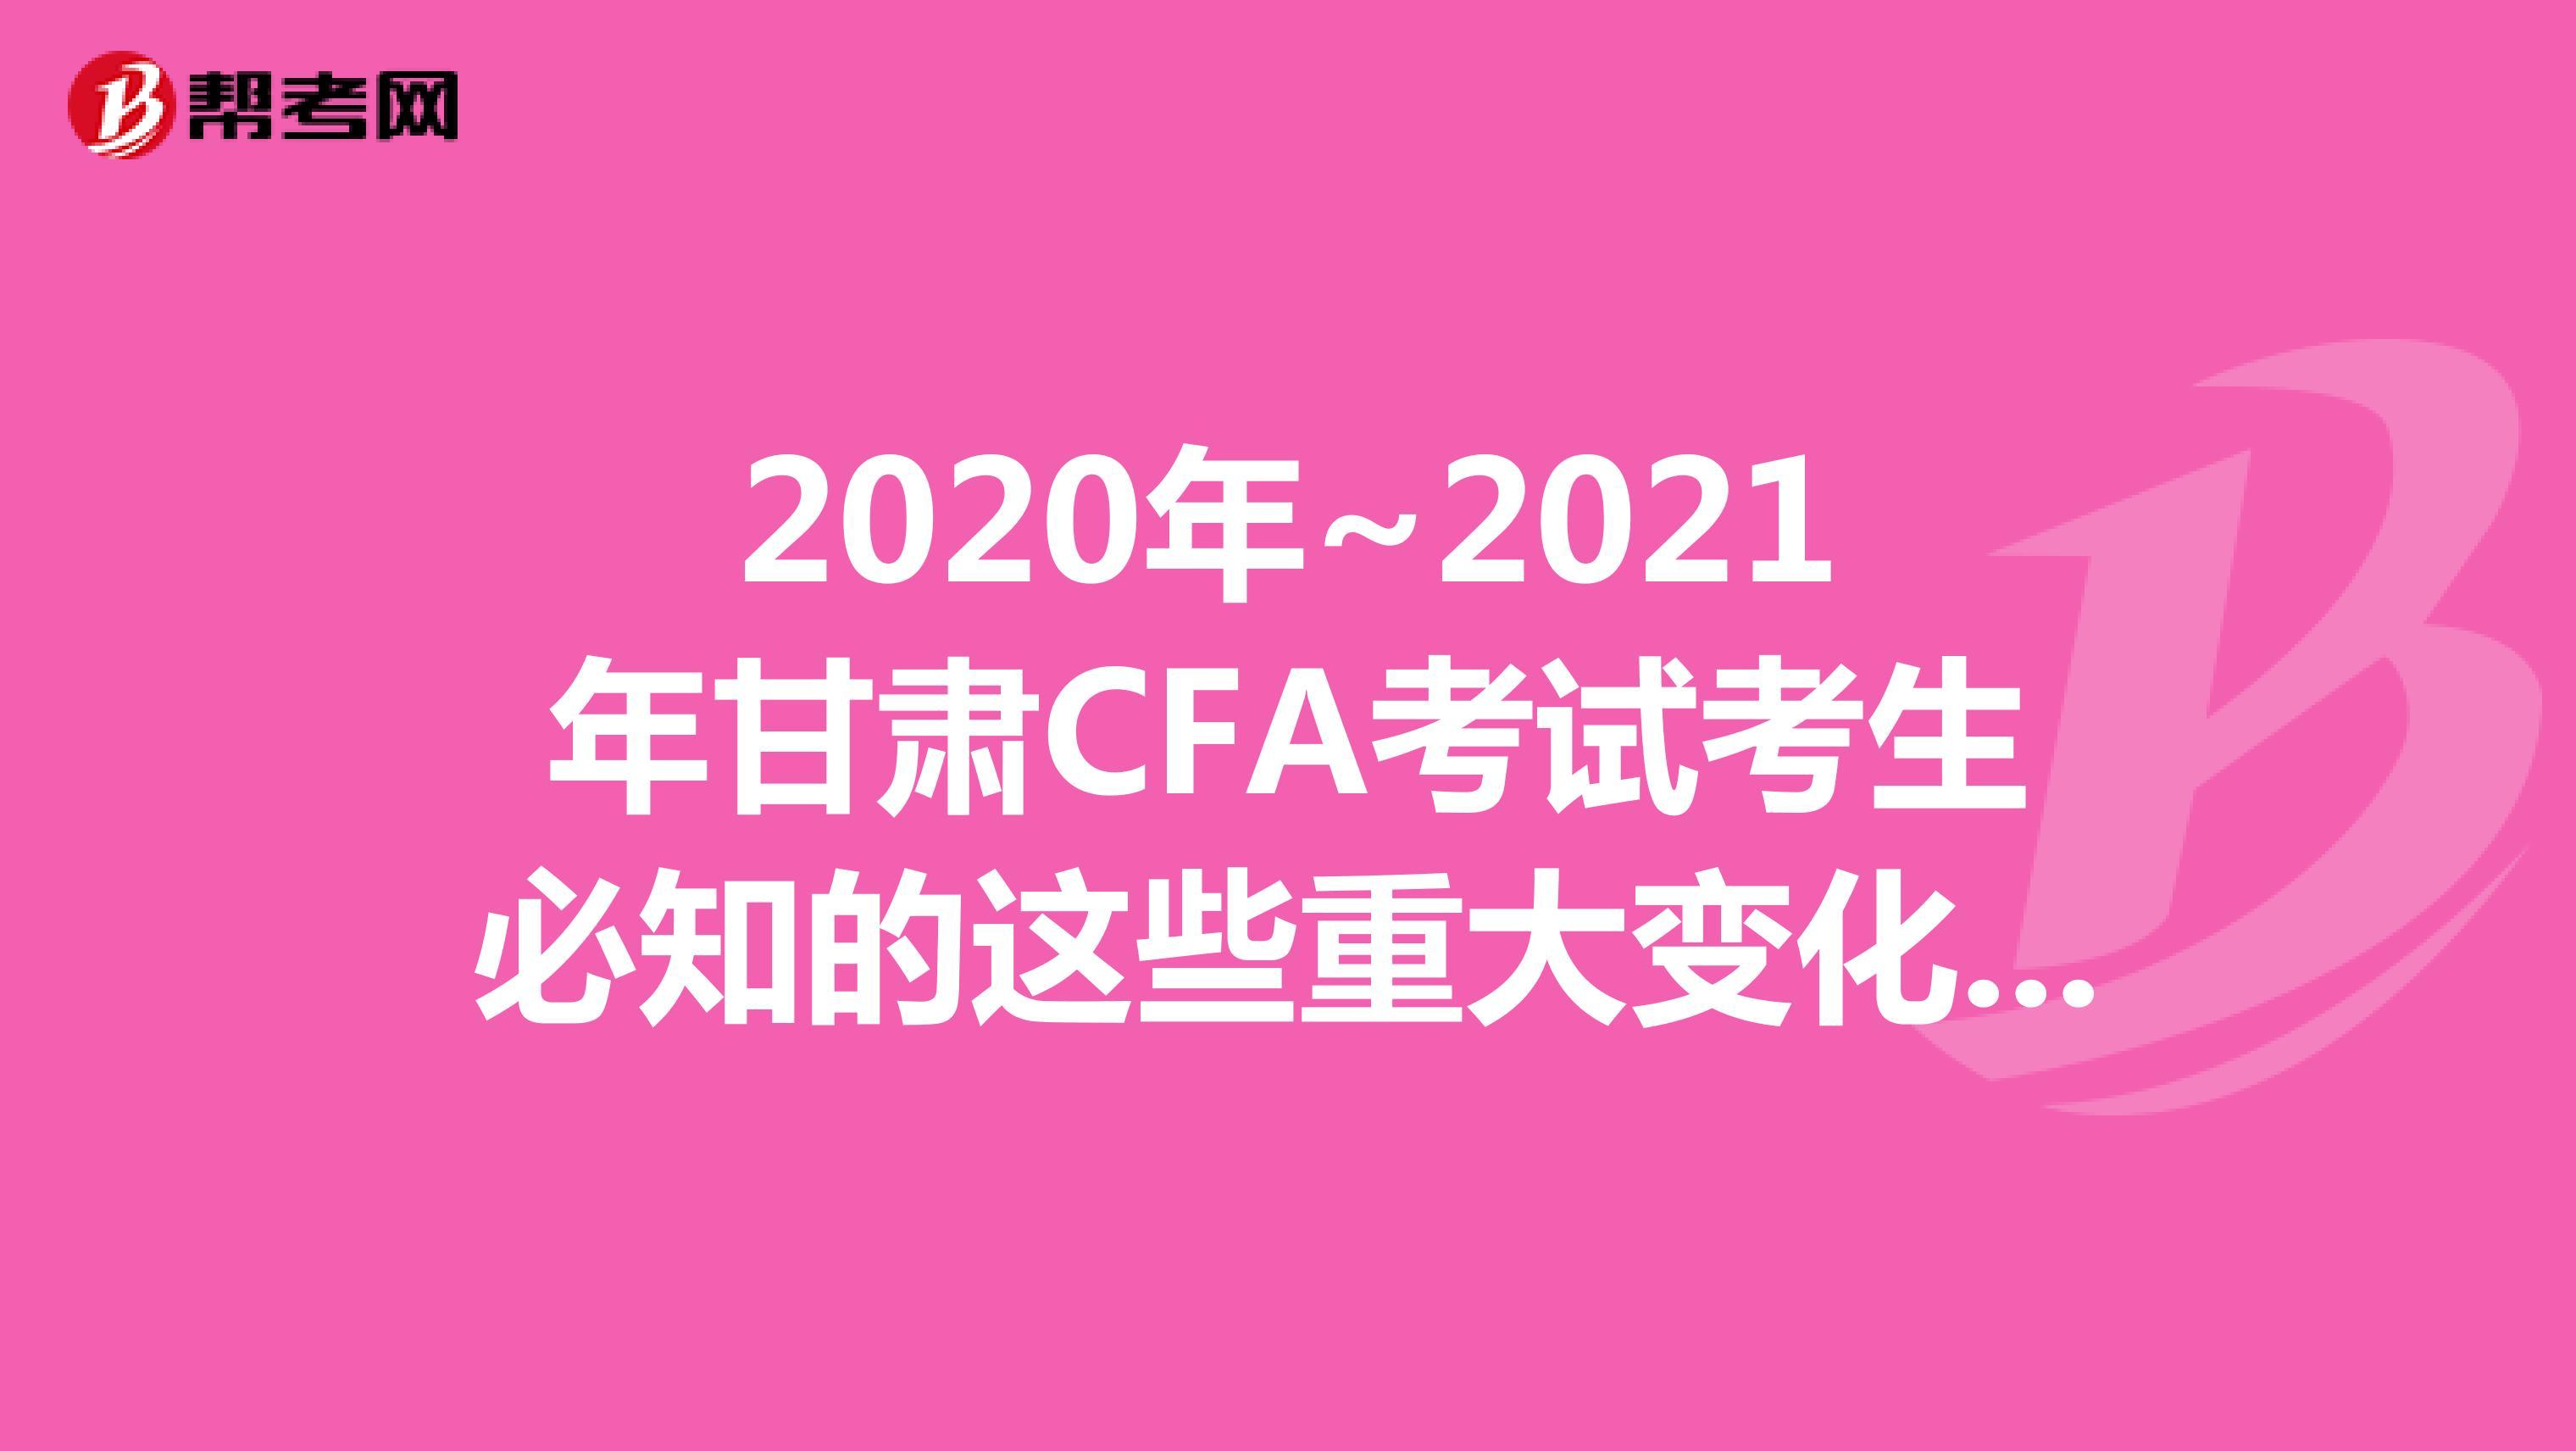 2020年~2021年甘肃CFA考试考生必知的这些重大变化,快来看看吧!